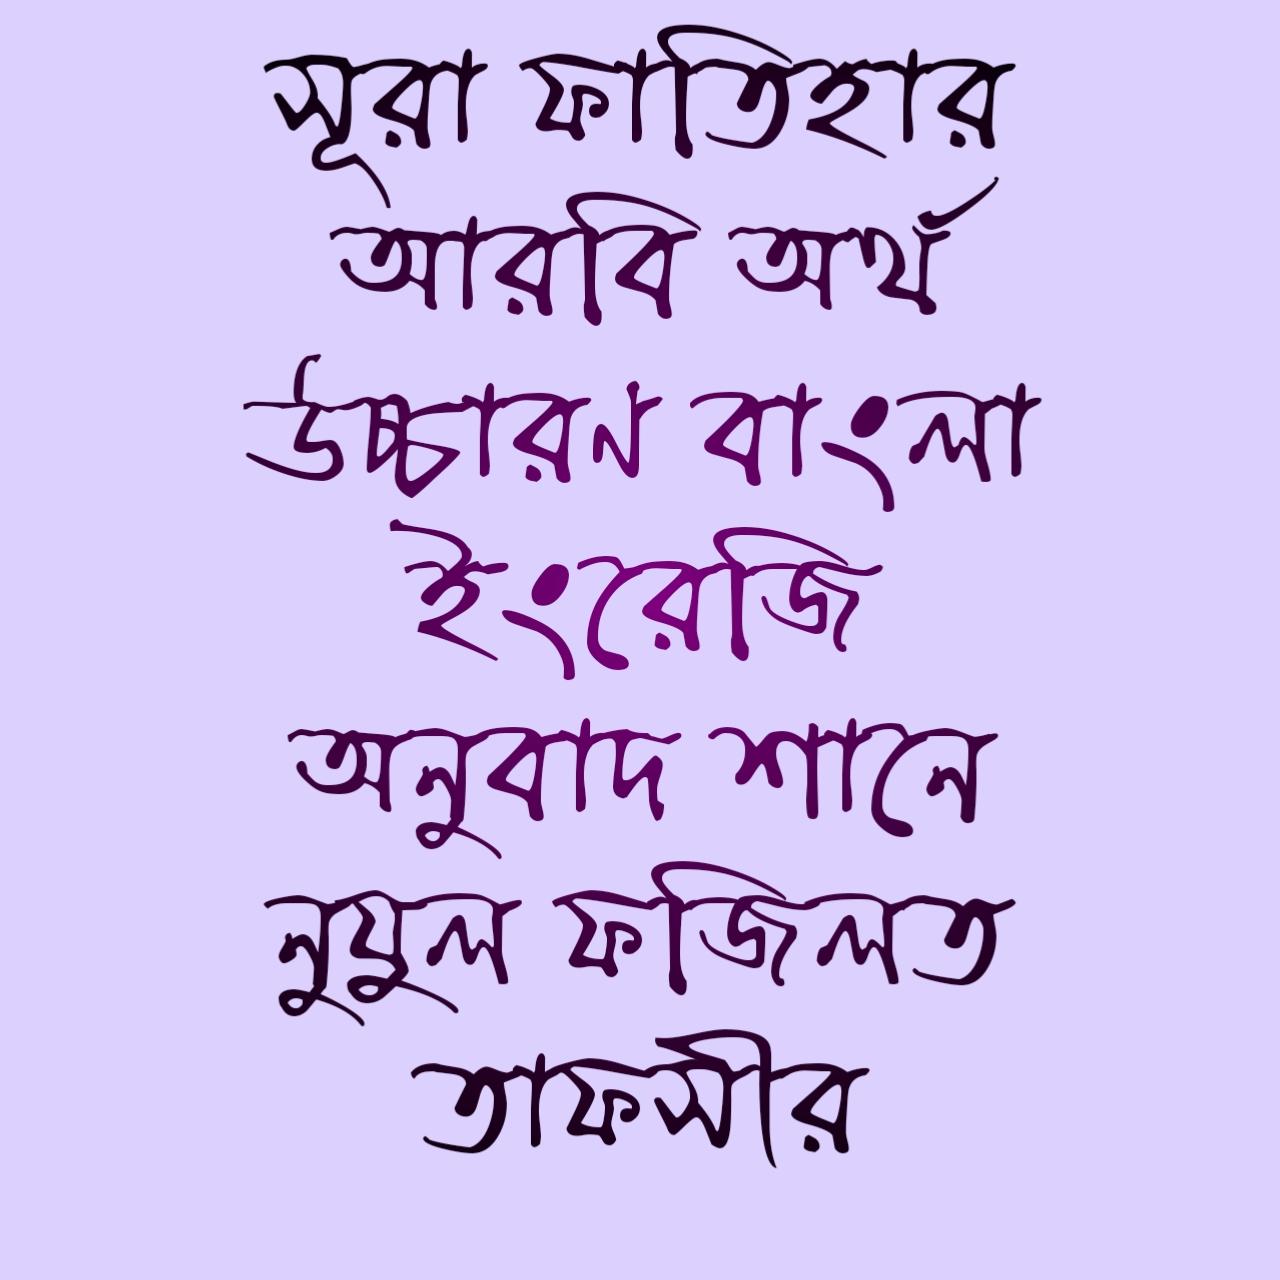 সূরা ফাতিহার আরবি অর্থ উচ্চারণ বাংলা ইংরেজি অনুবাদ শানে নুযুল ফজিলত তাফসীর Surah Fatiha Arabic Meaning Pronunciation Thafseer of Bengali English at Surah Fatiha